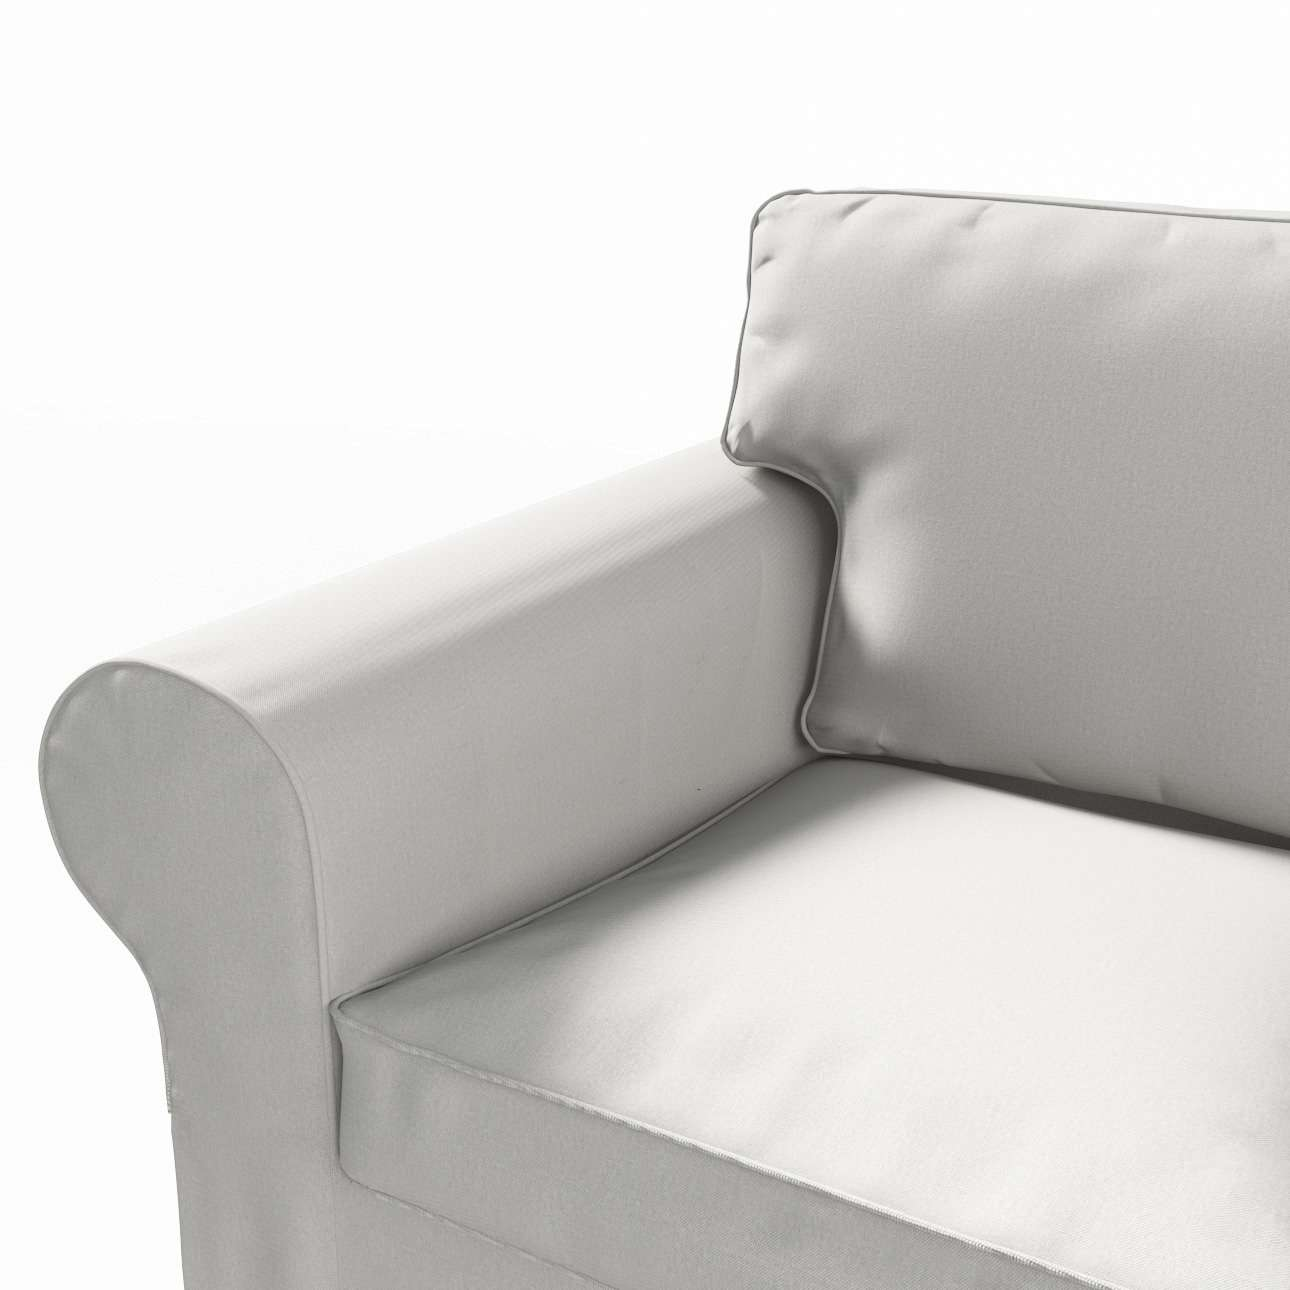 Bezug für Ektorp 2-Sitzer Schlafsofa NEUES Modell von der Kollektion Etna, Stoff: 705-90